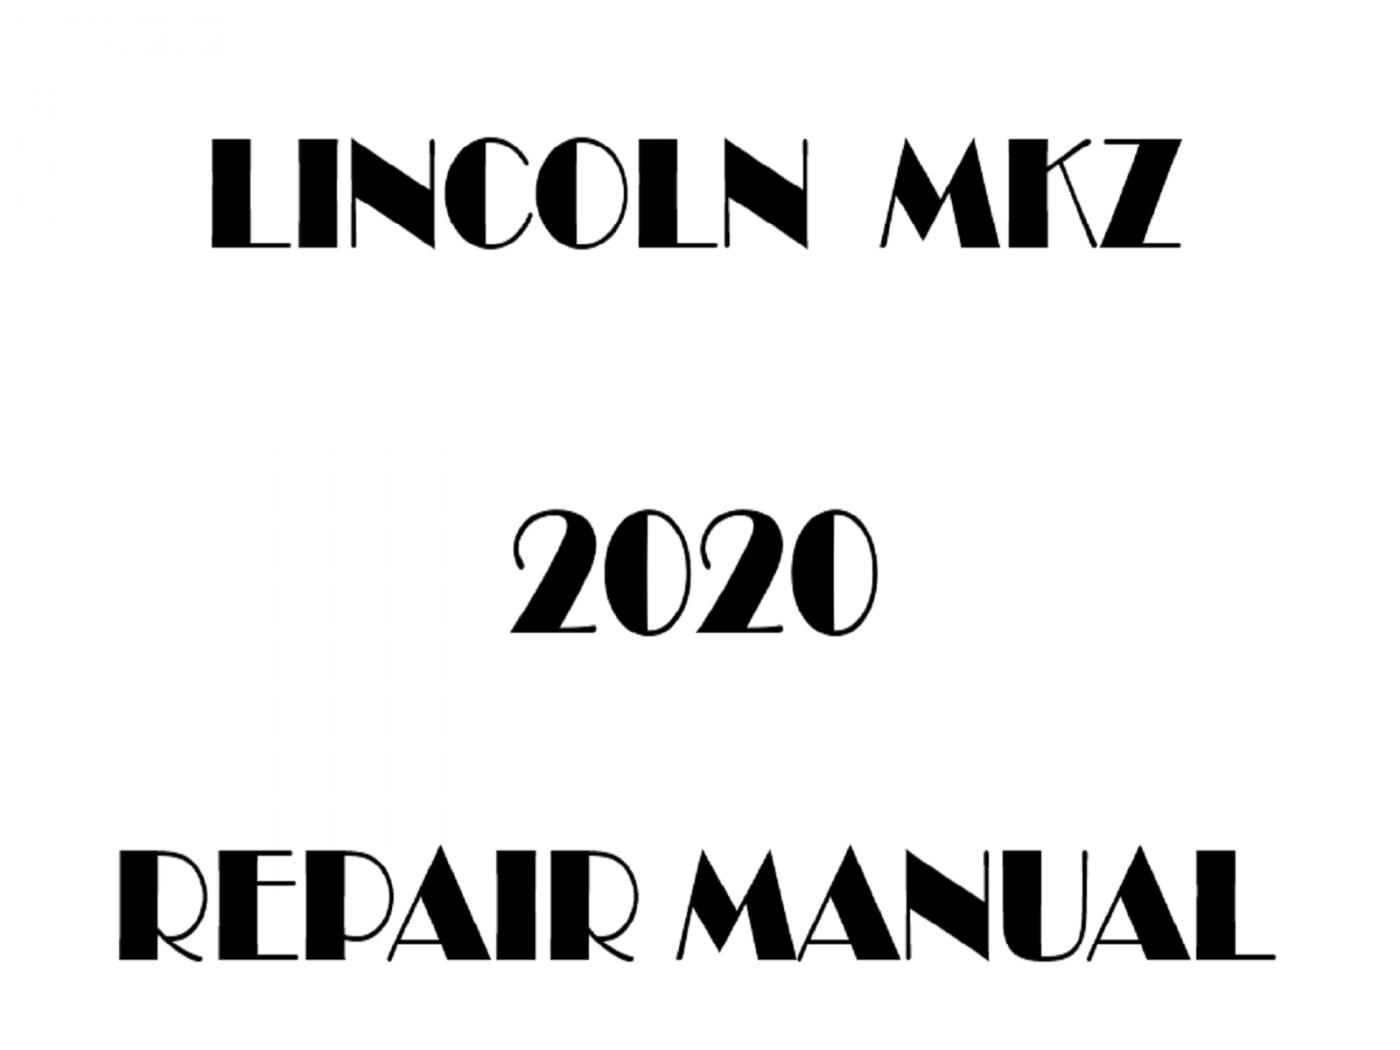 2020 Lincoln MKZ repair manual